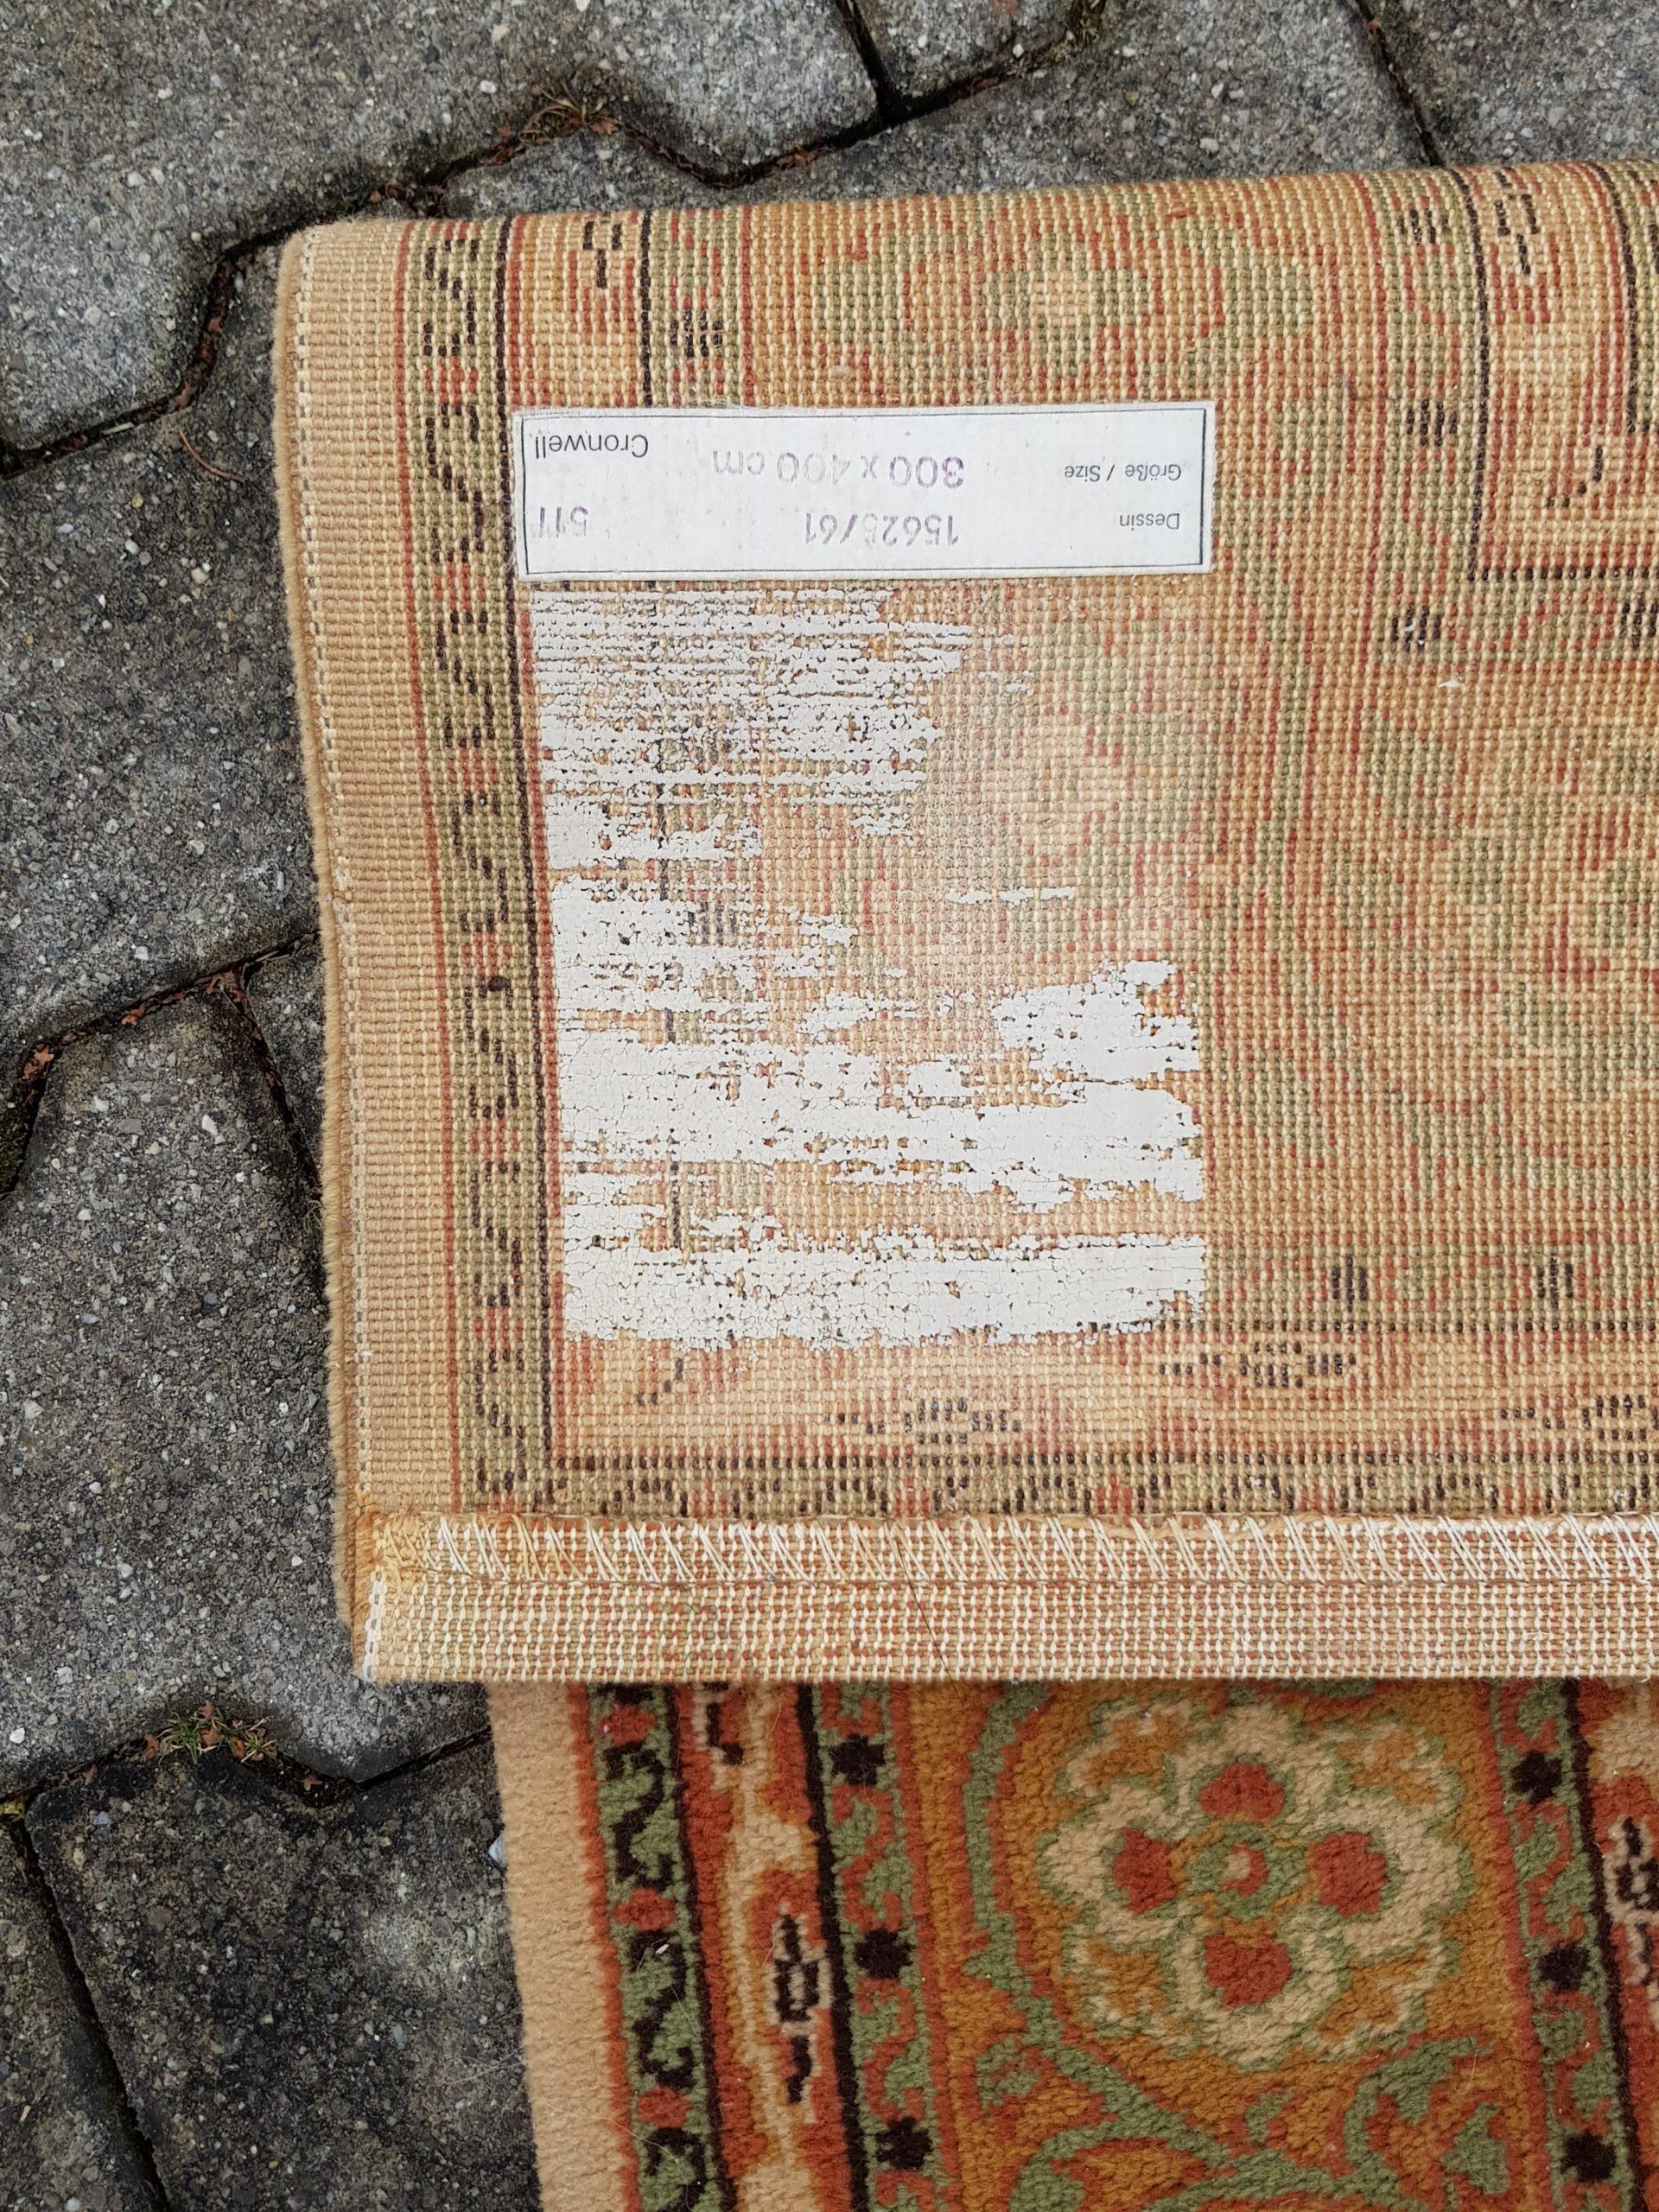 Full Size of Cronwell Teppich 300x400 Cm Steinteppich Bad Wohnzimmer Teppiche Für Küche Esstisch Badezimmer Schlafzimmer Wohnzimmer Teppich 300x400